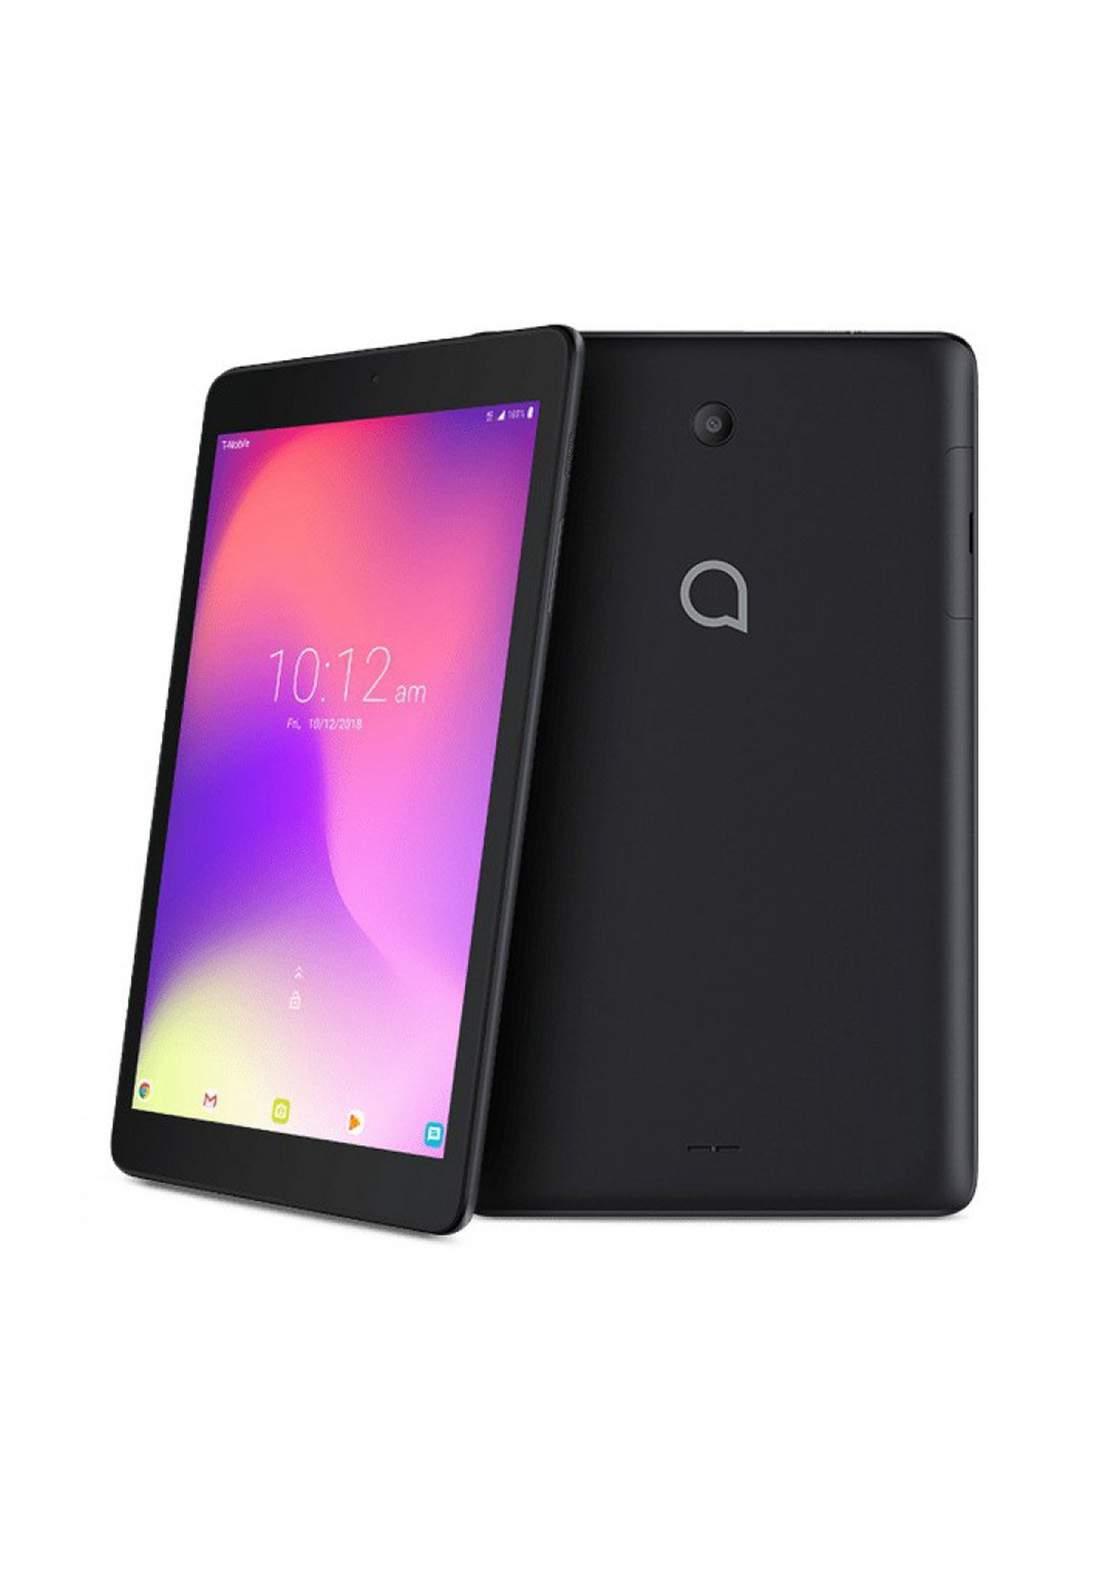 Alcatel TAB 3T 8 4G - 1GB RAM - 16GB - Black